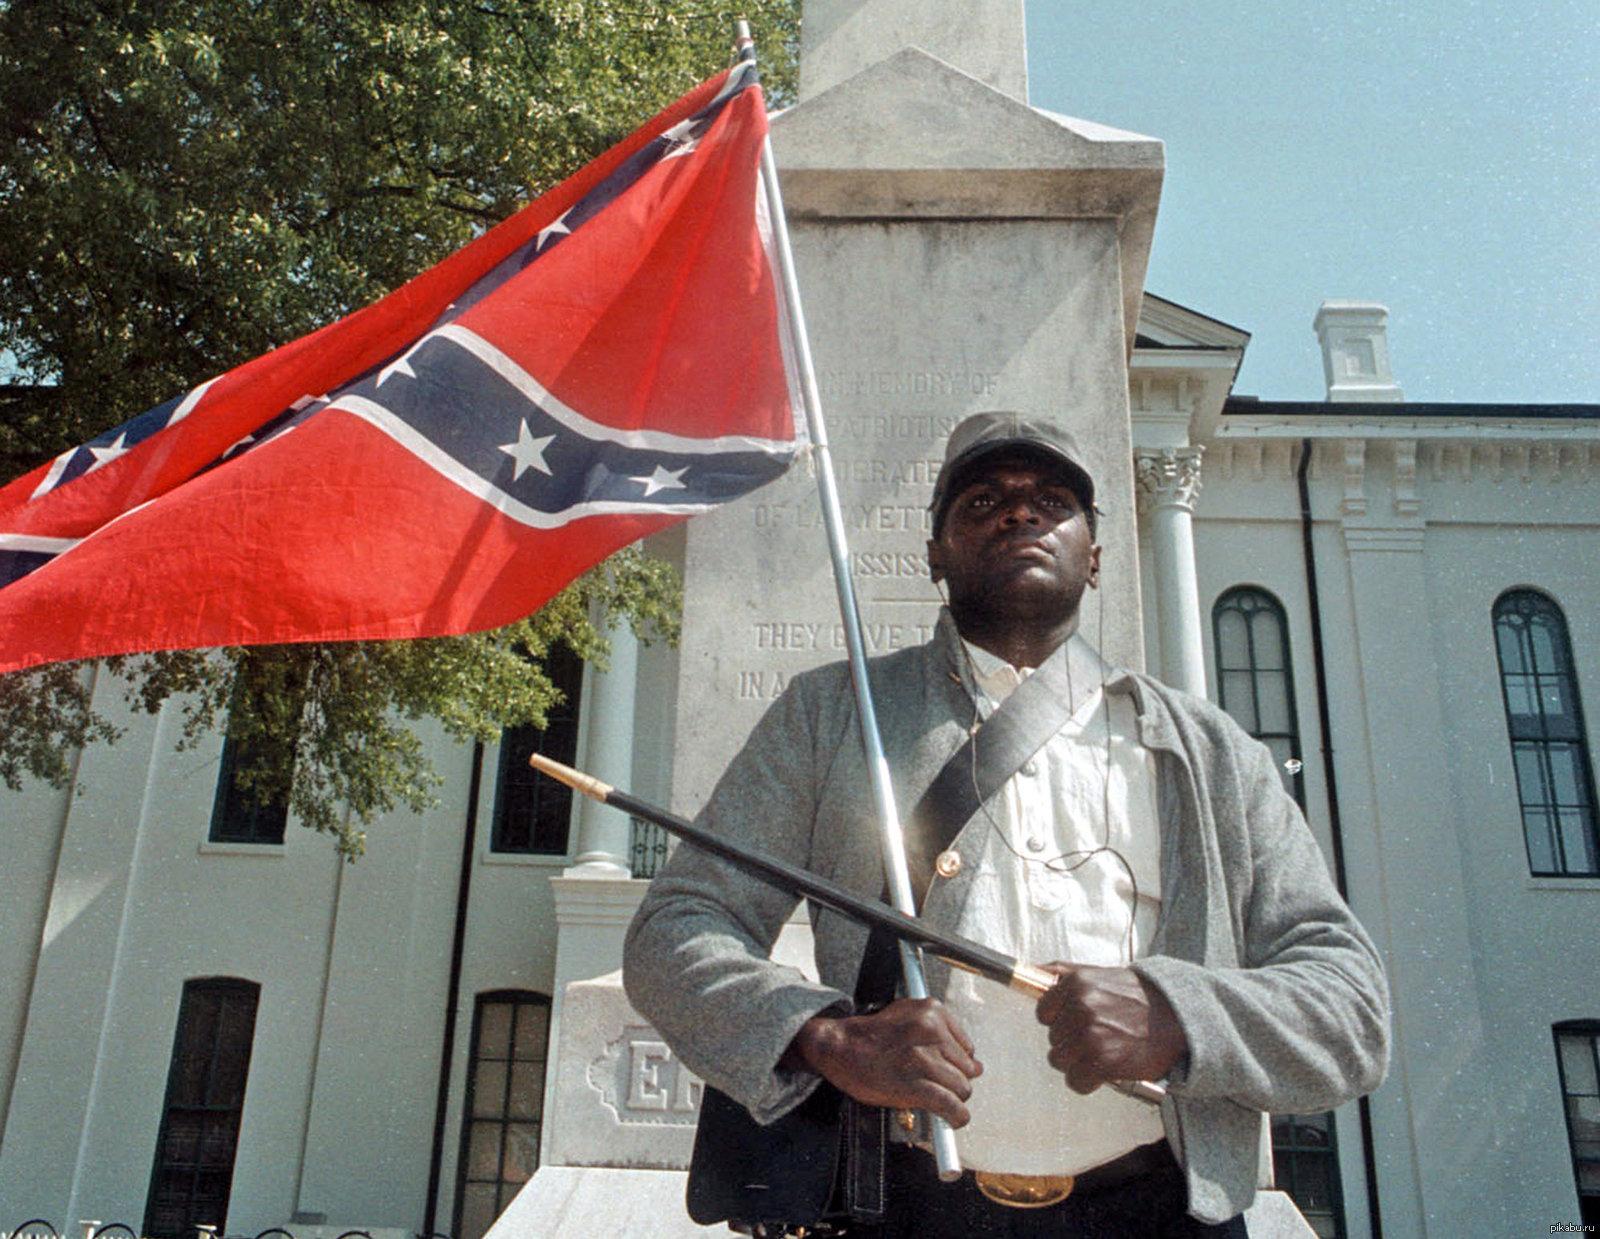 флаг миссисипи